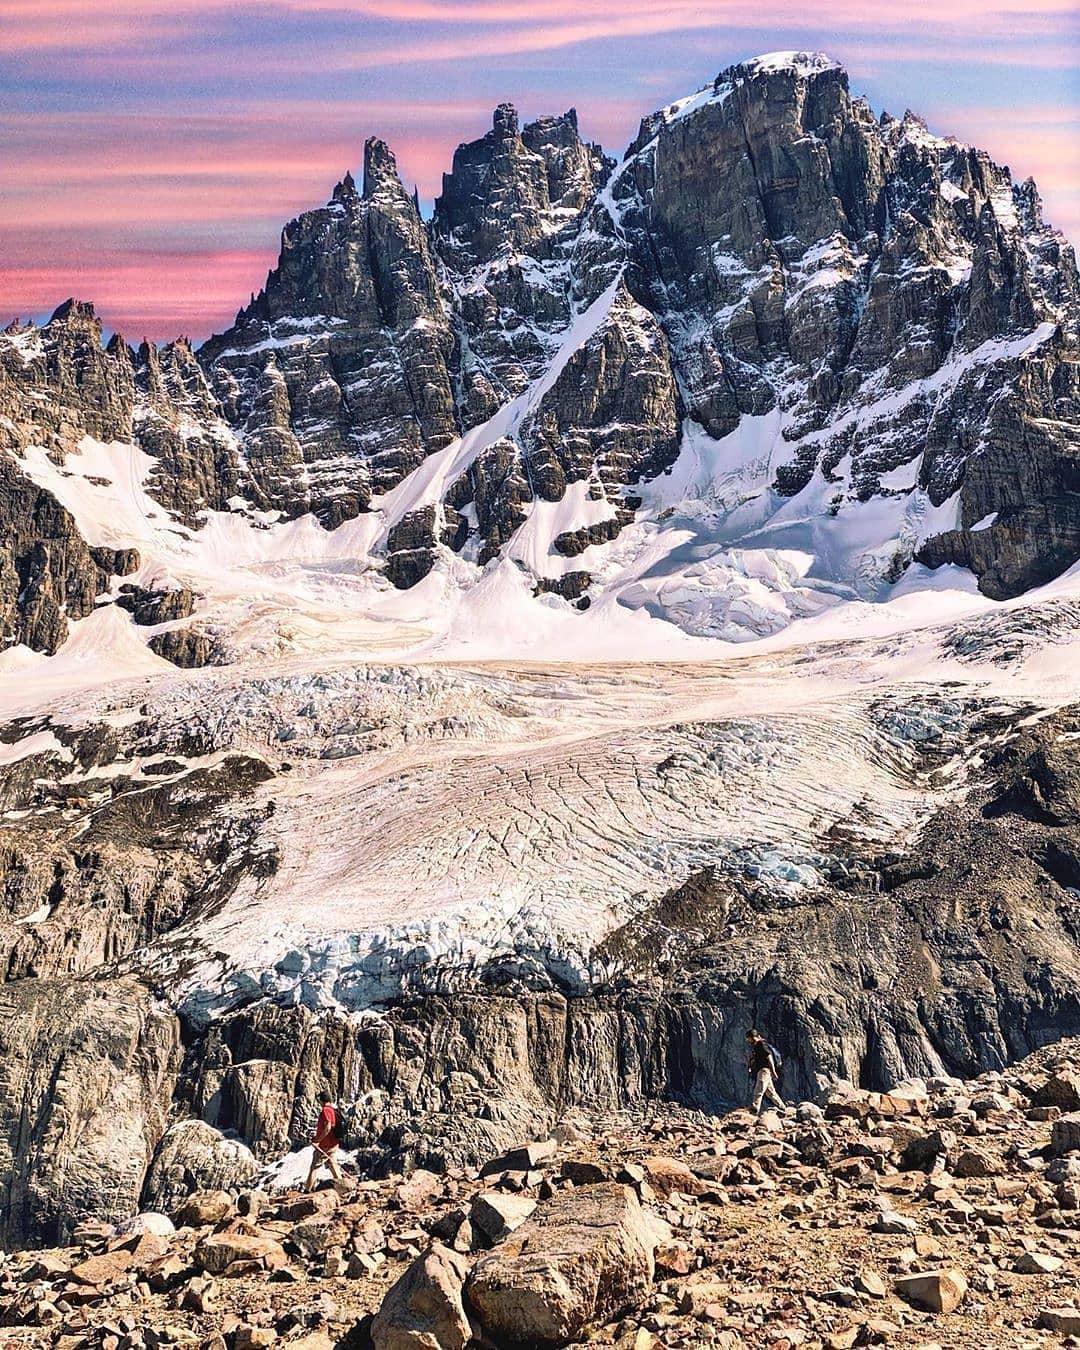 People trekking at the feet of Cerro Castillo